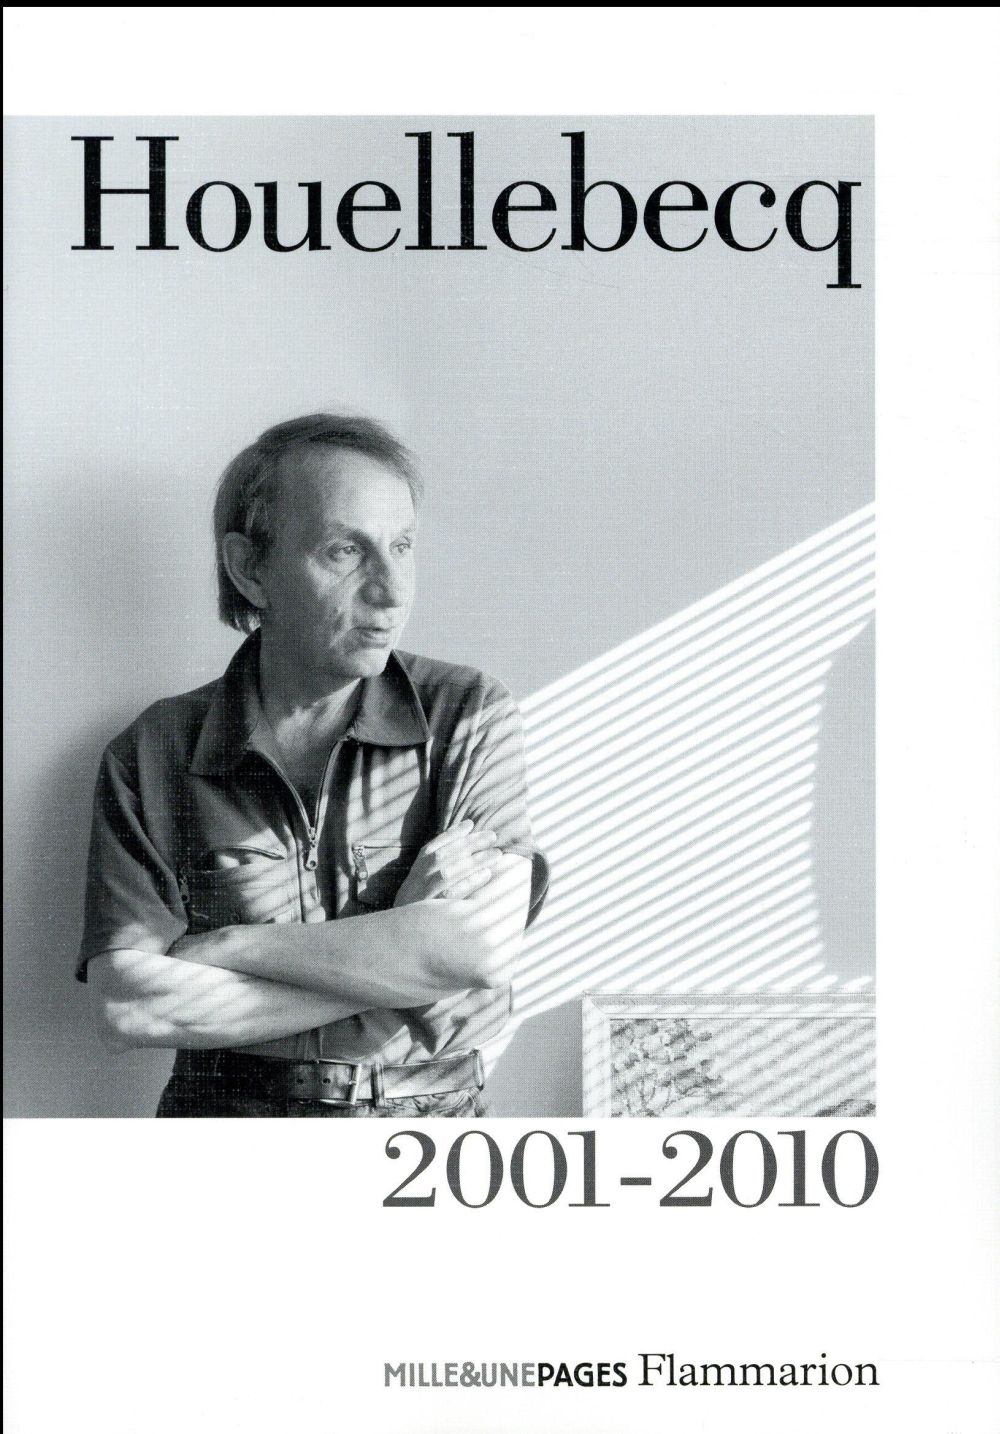 Houellebecq 2001-2010 : Plateforme, La Possibilite D'Une Ile, Interventions, La Carte Et Le Territoire